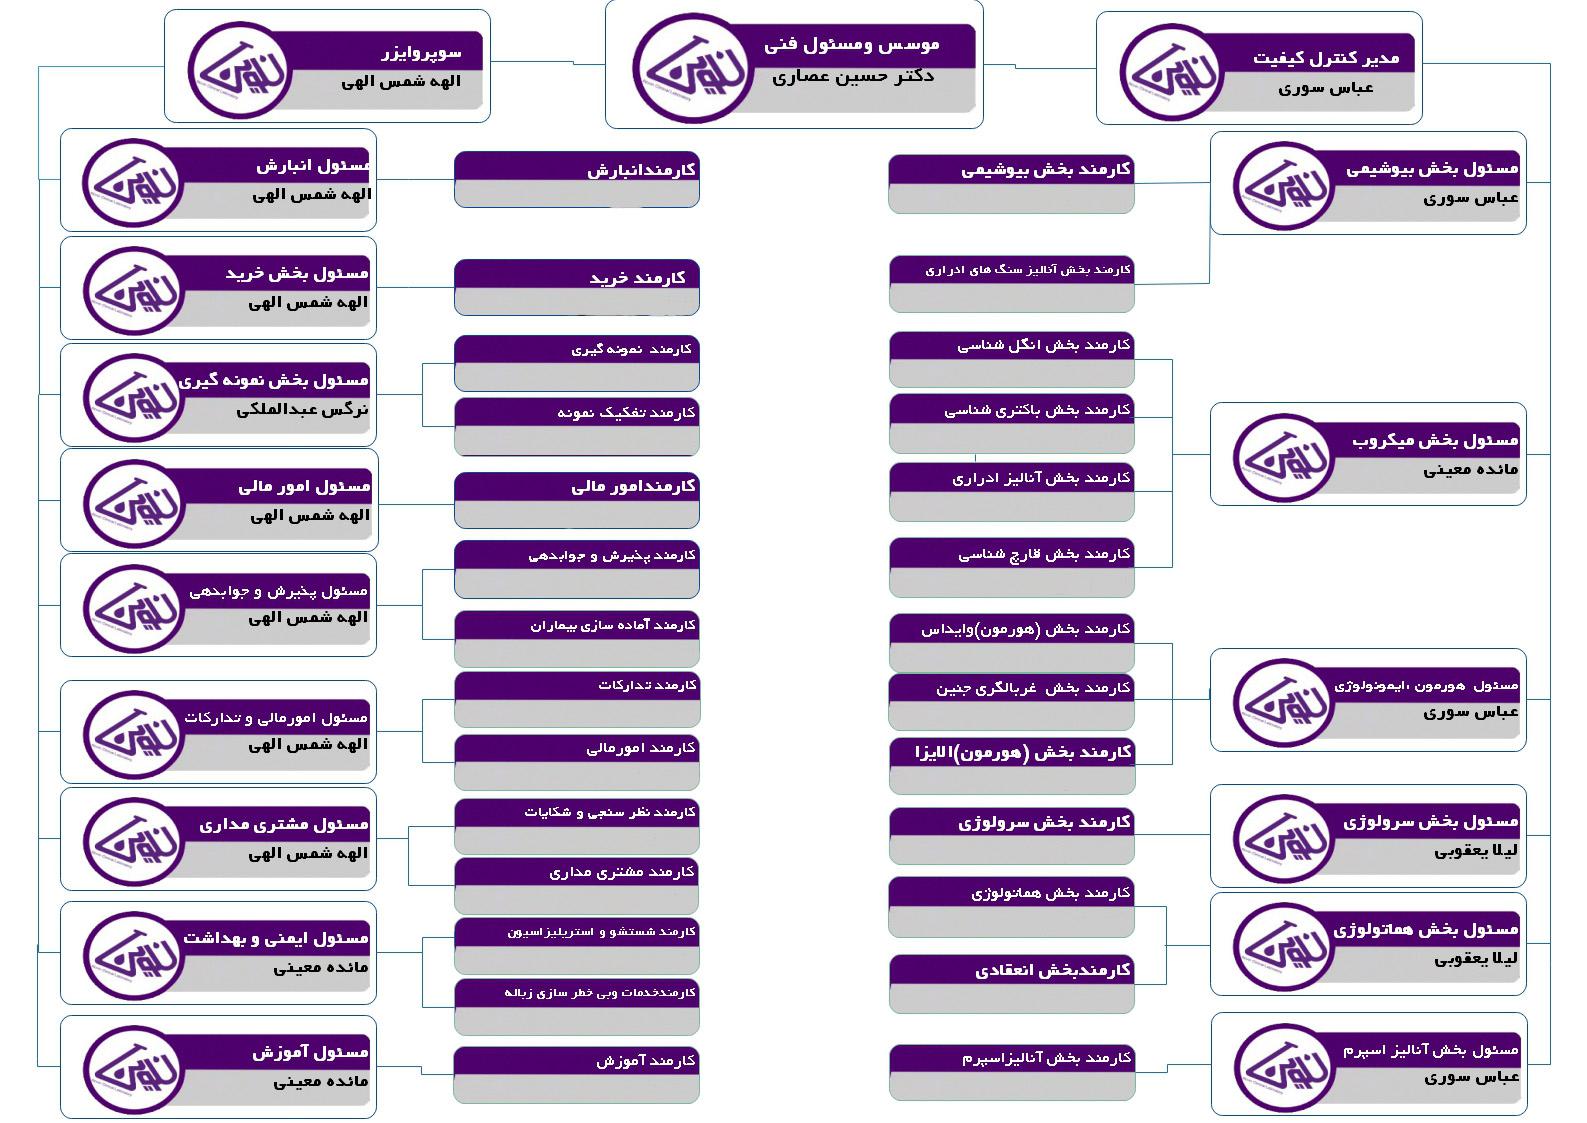 Novin10 chart